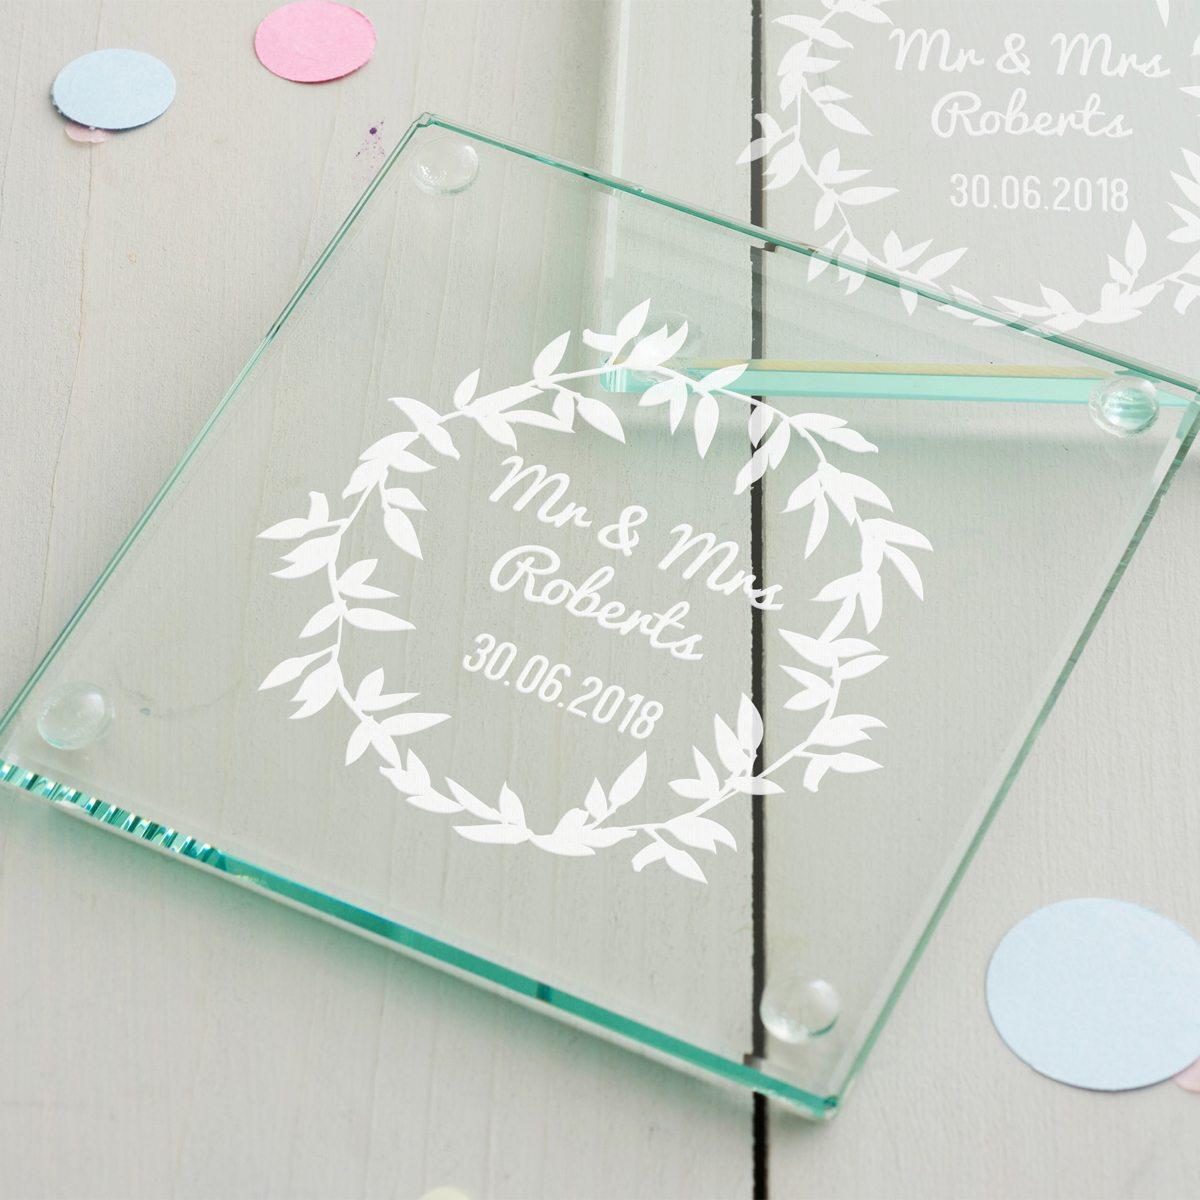 Personalised Wreath Wedding Coaster Set